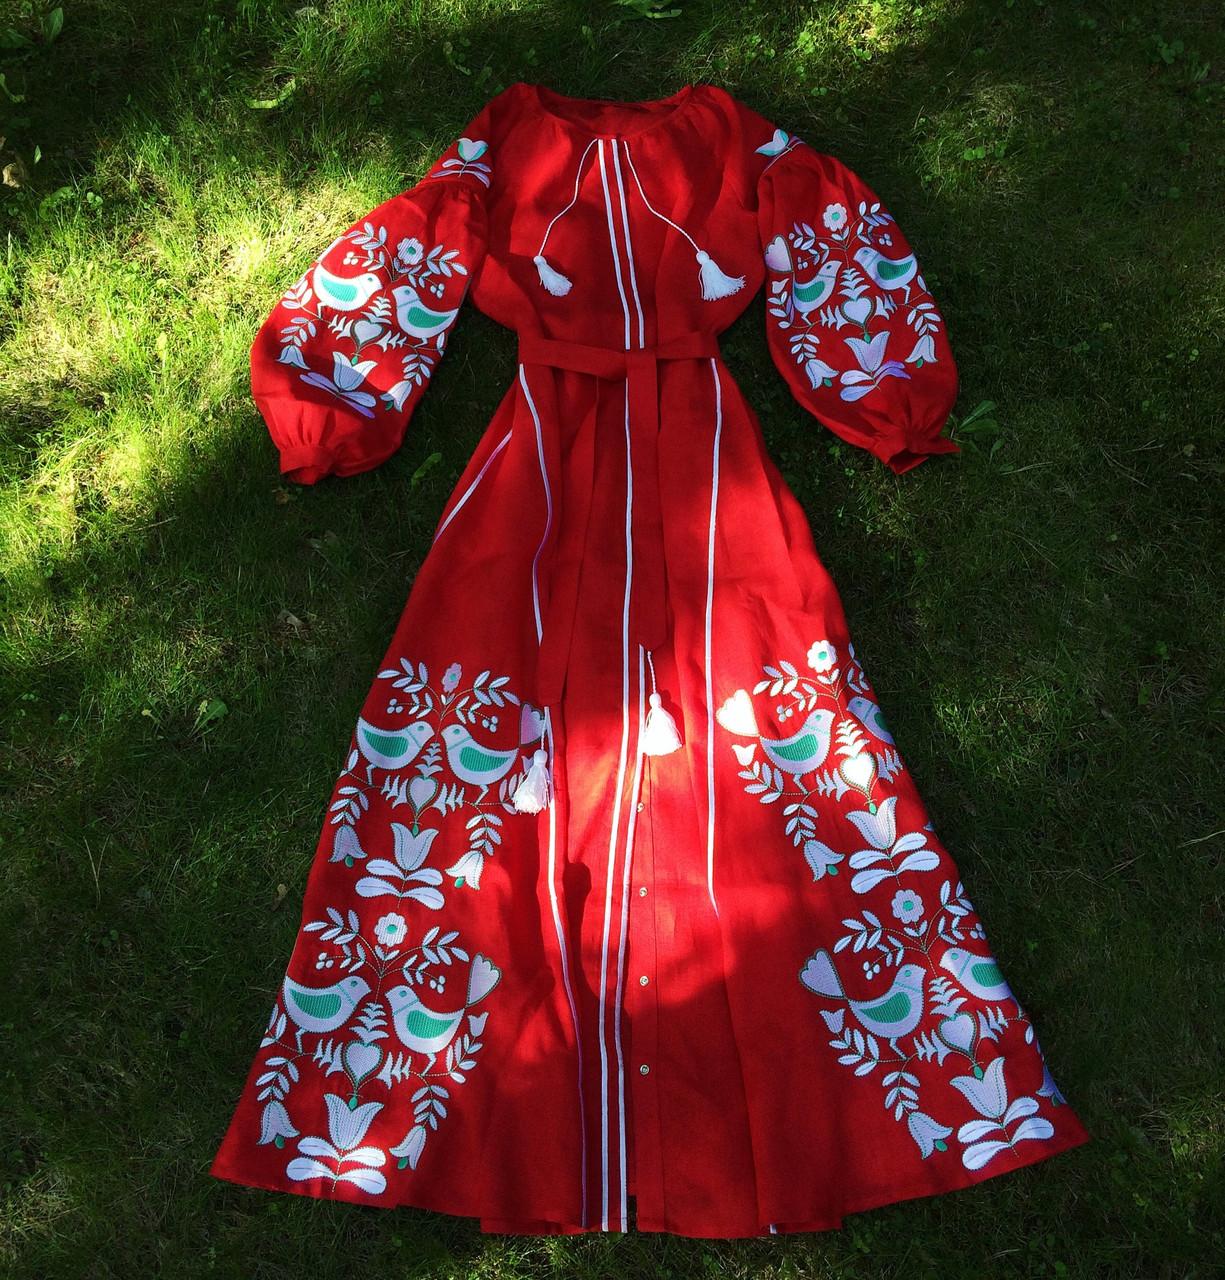 f174b913e8142a Довга льняна сукня з вишитими клинцями червоний льон вишивка гладь дерево з  птахами